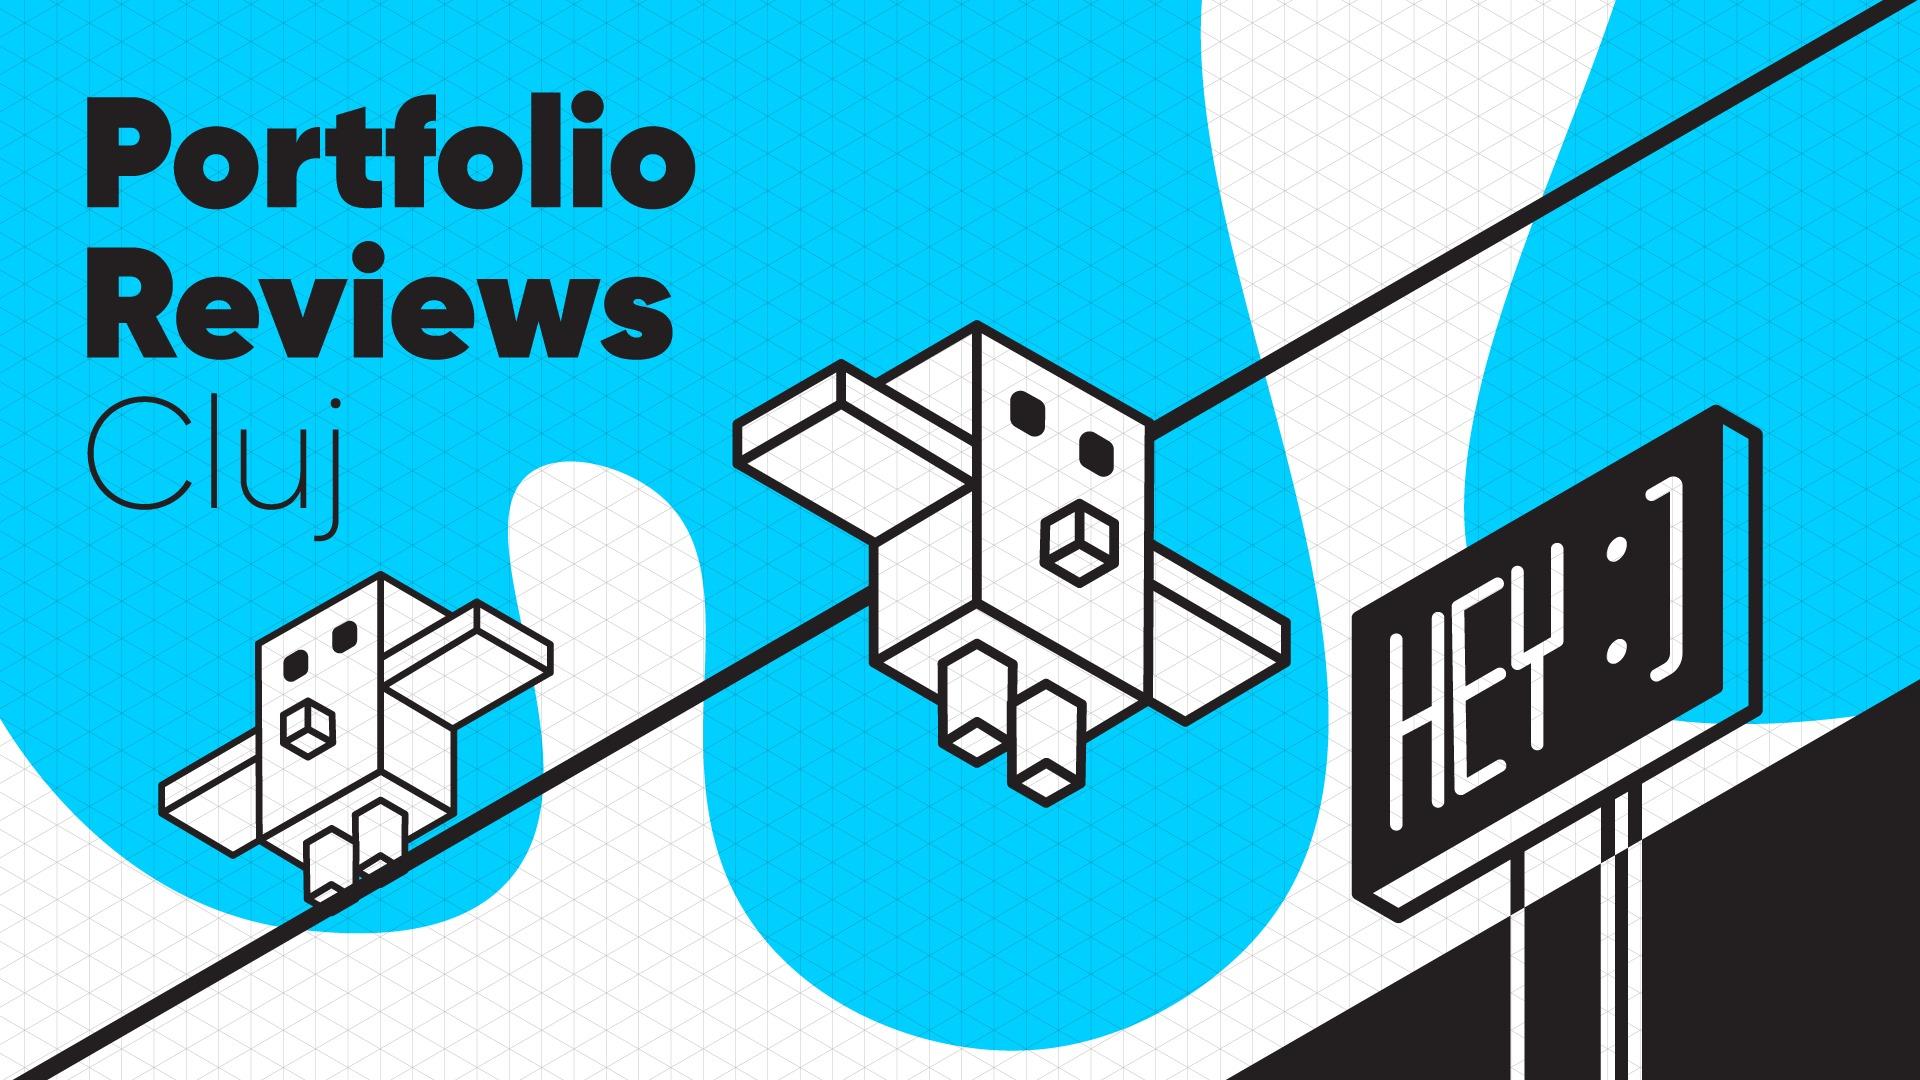 Portfolio Reviews Cluj